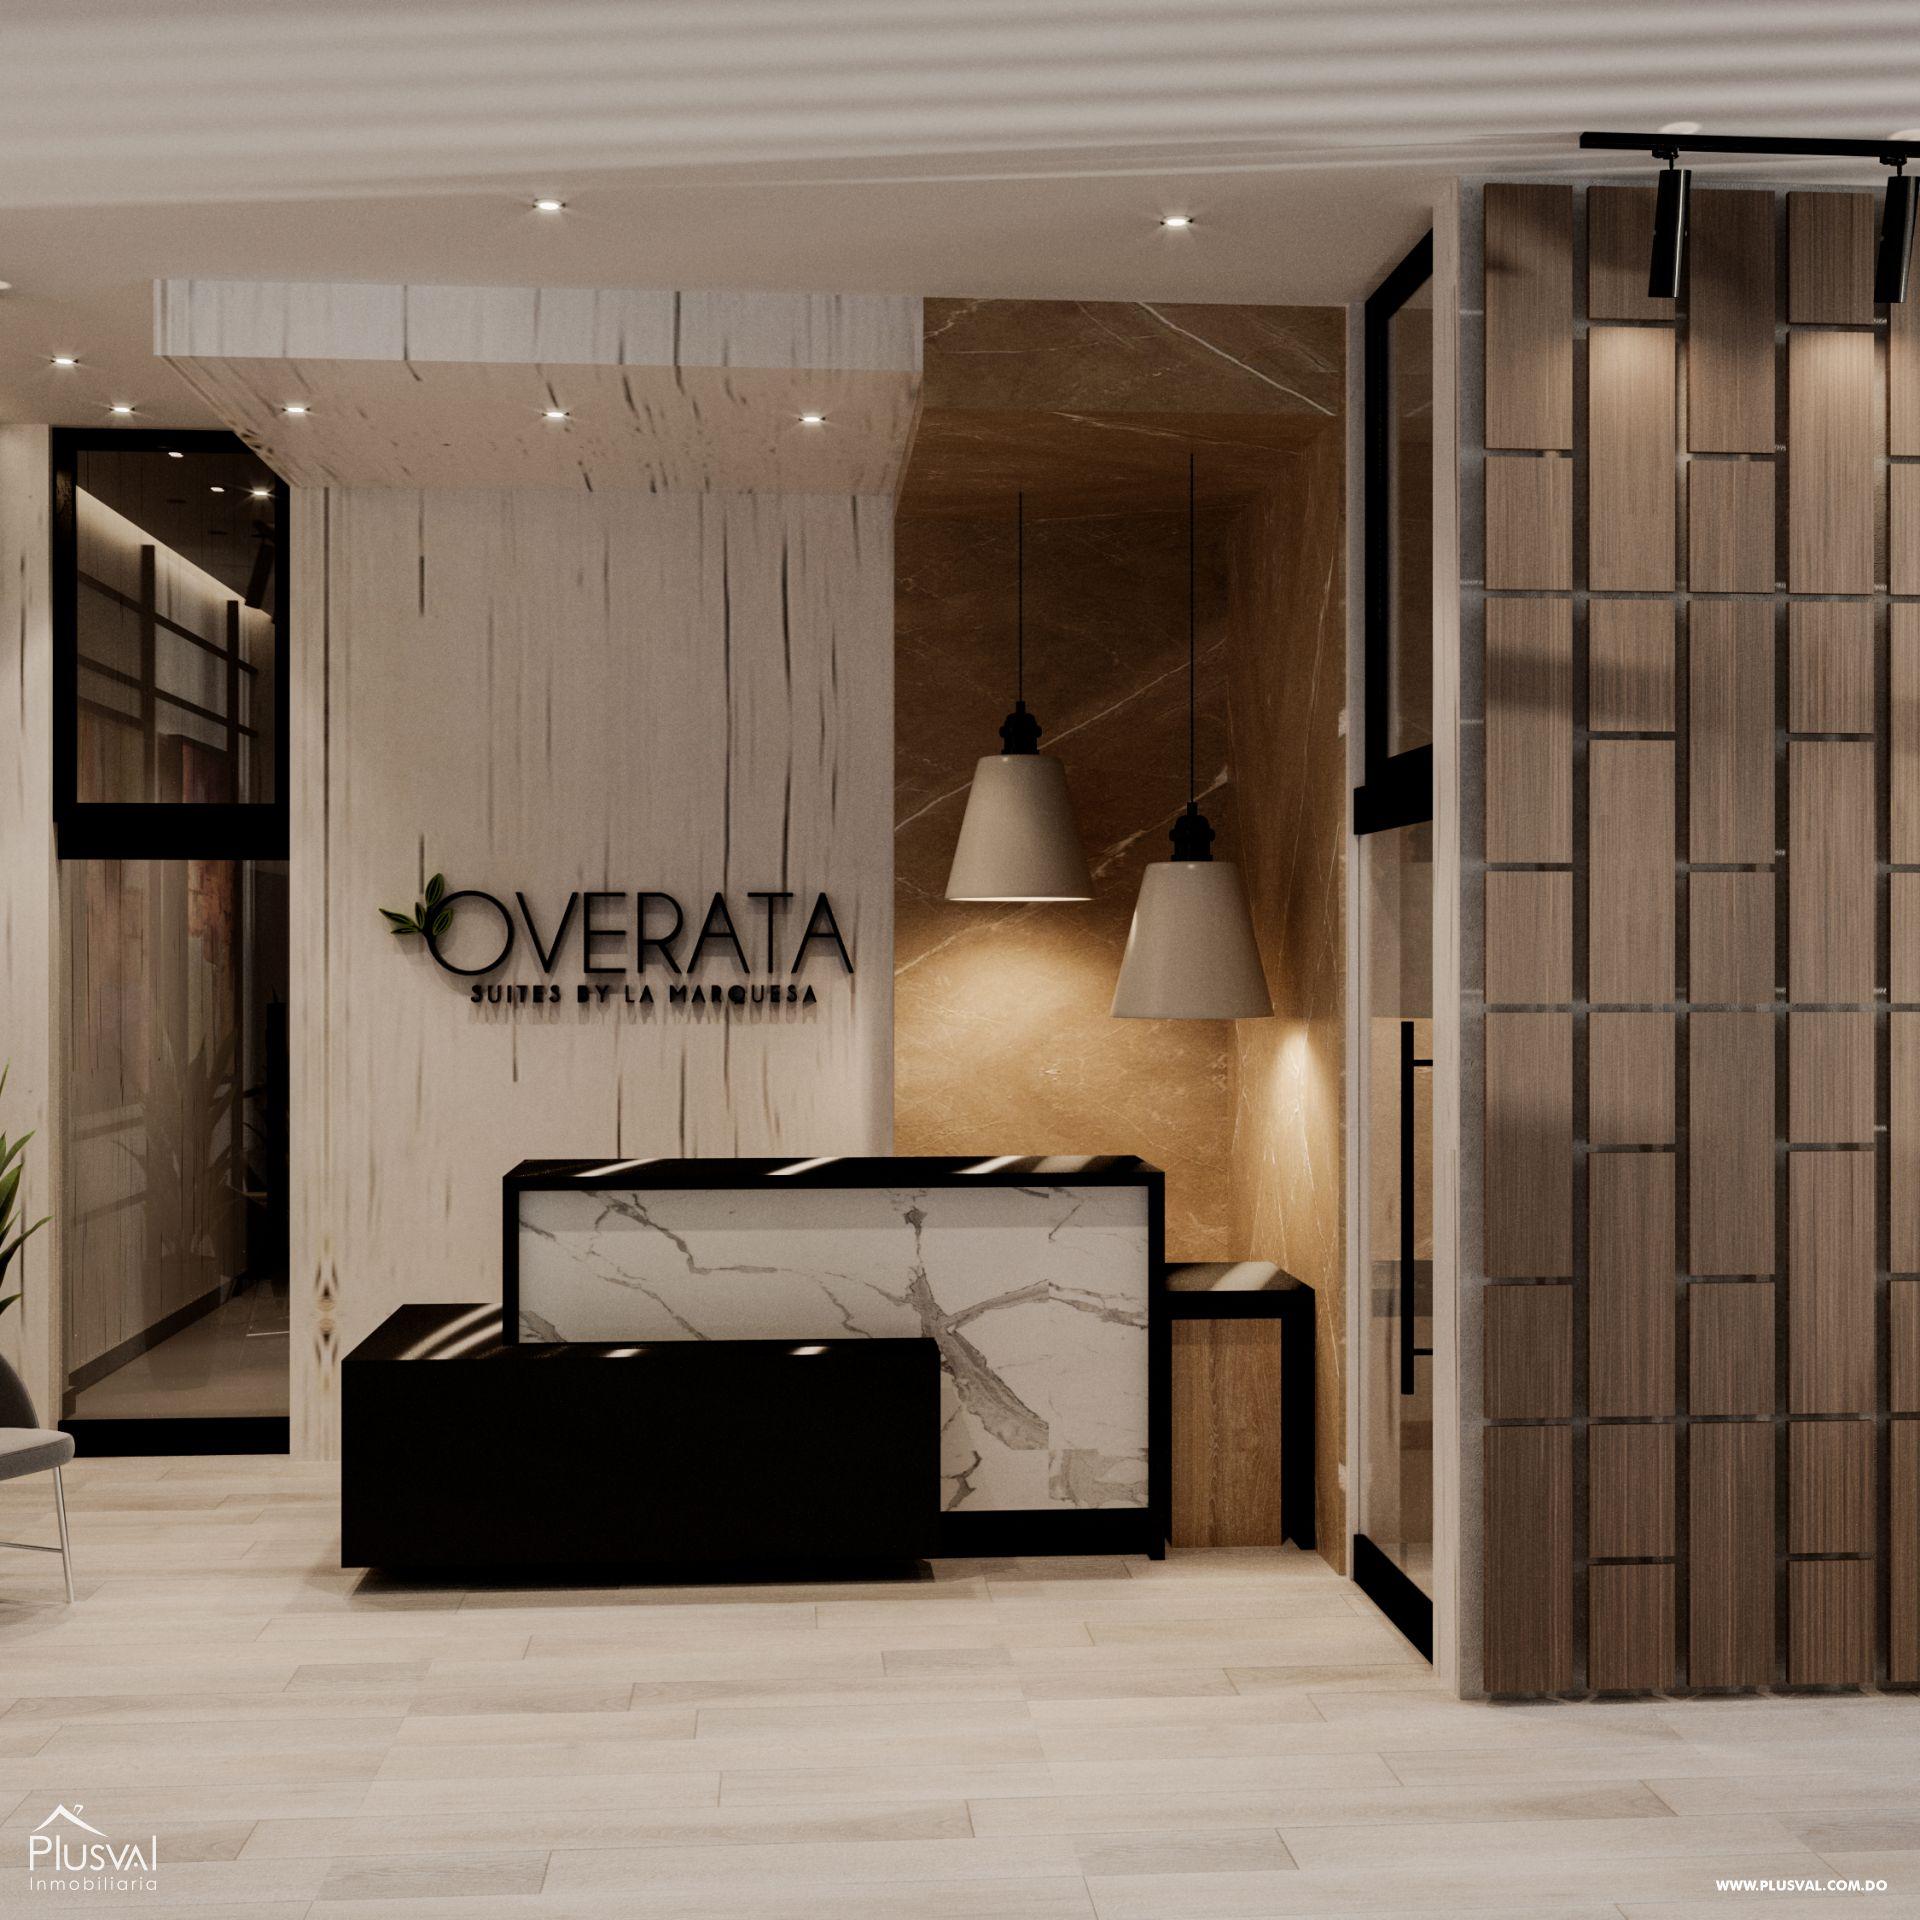 OVERATA Suites by La Marquesa 160502